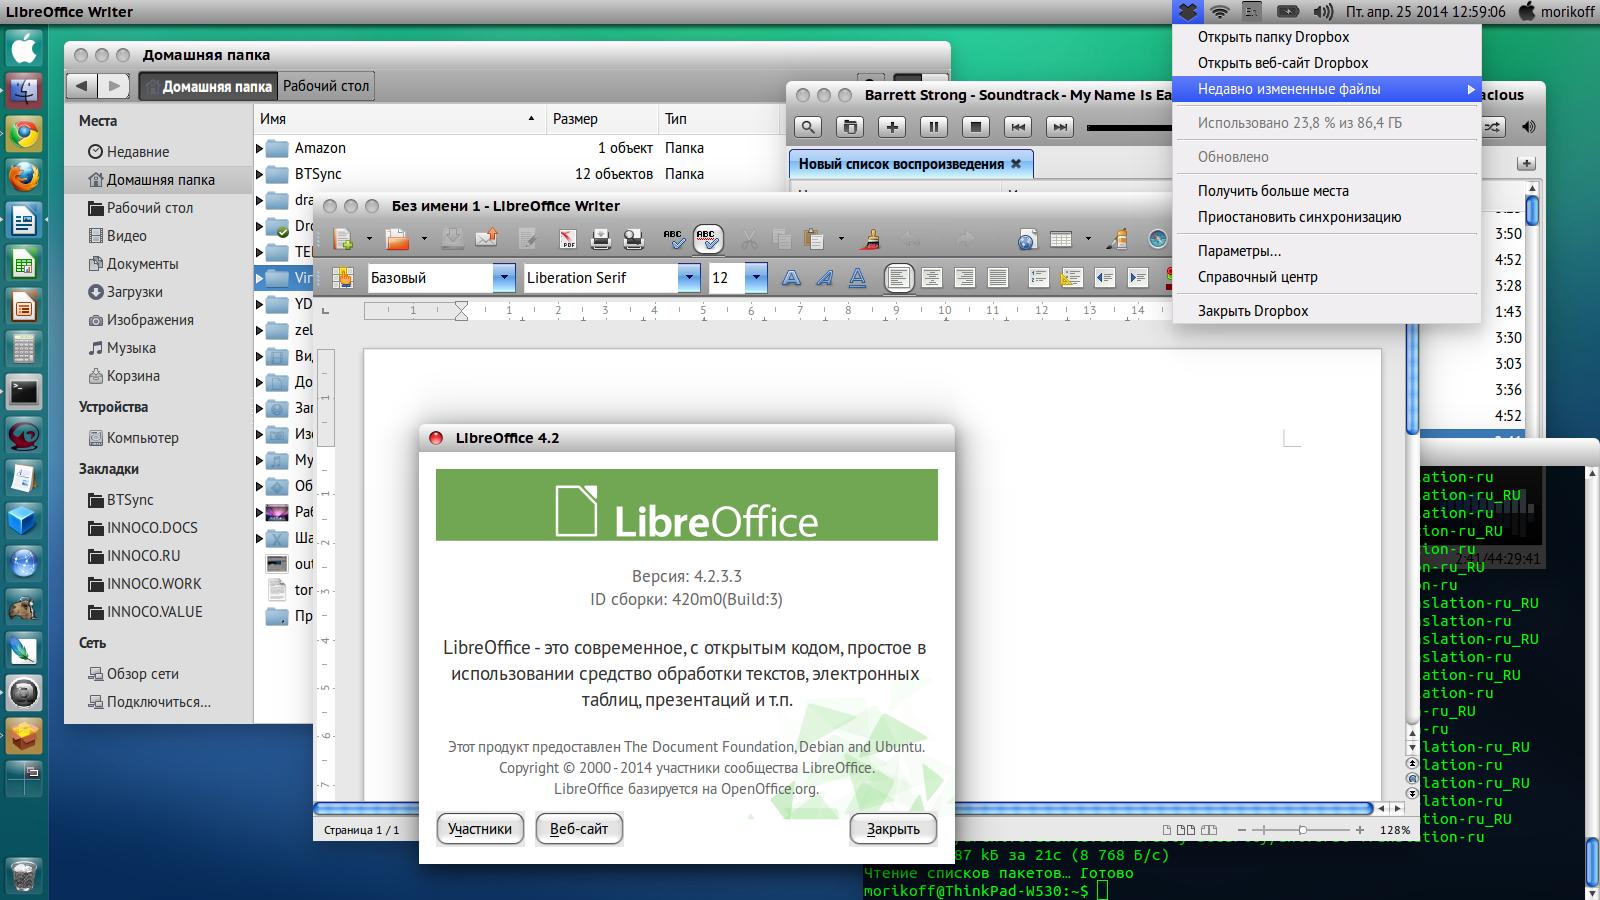 Как сделать Ubuntu 14.04 похожей Mac OS X